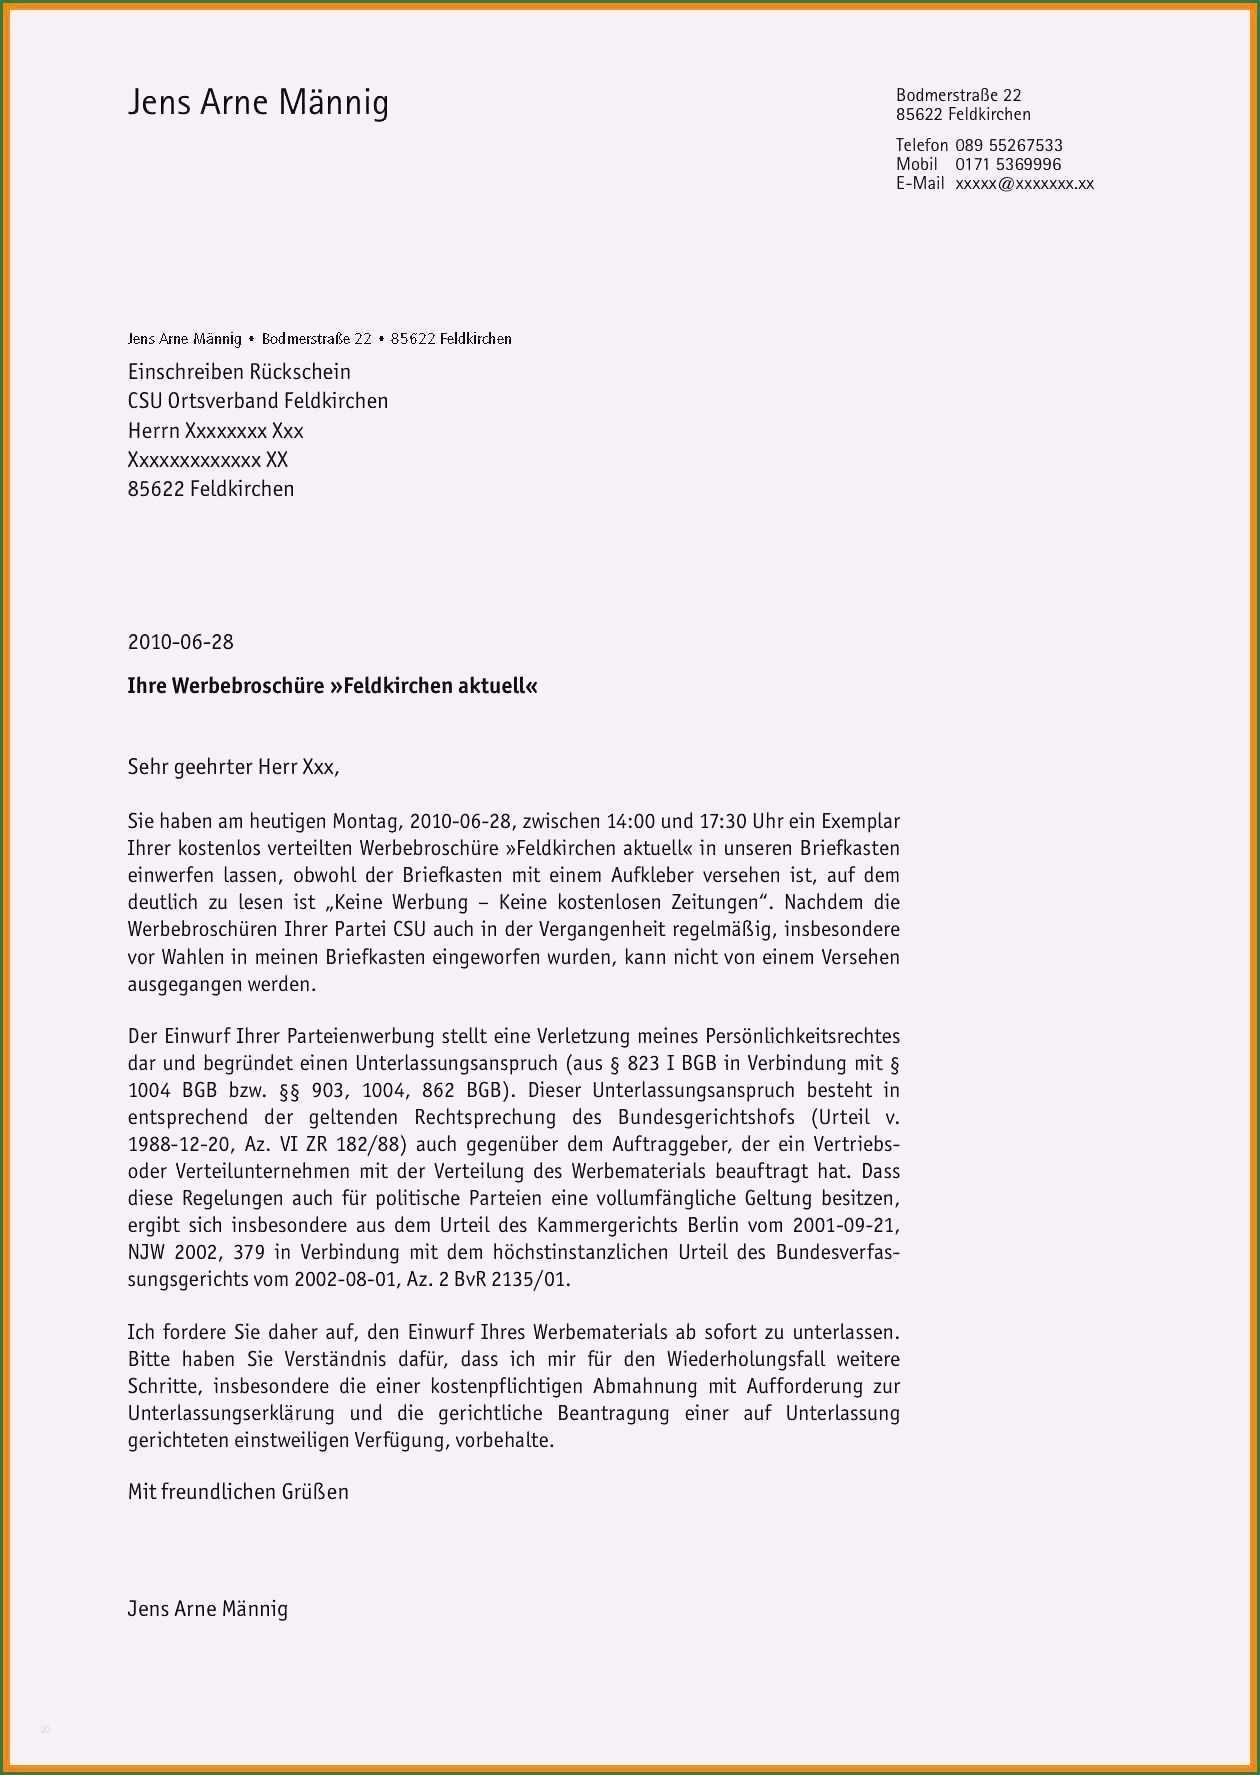 10 Bemerkenswert Beschwerdebrief Vorlage Praktikumsbericht Vorlagen Microsoft Word